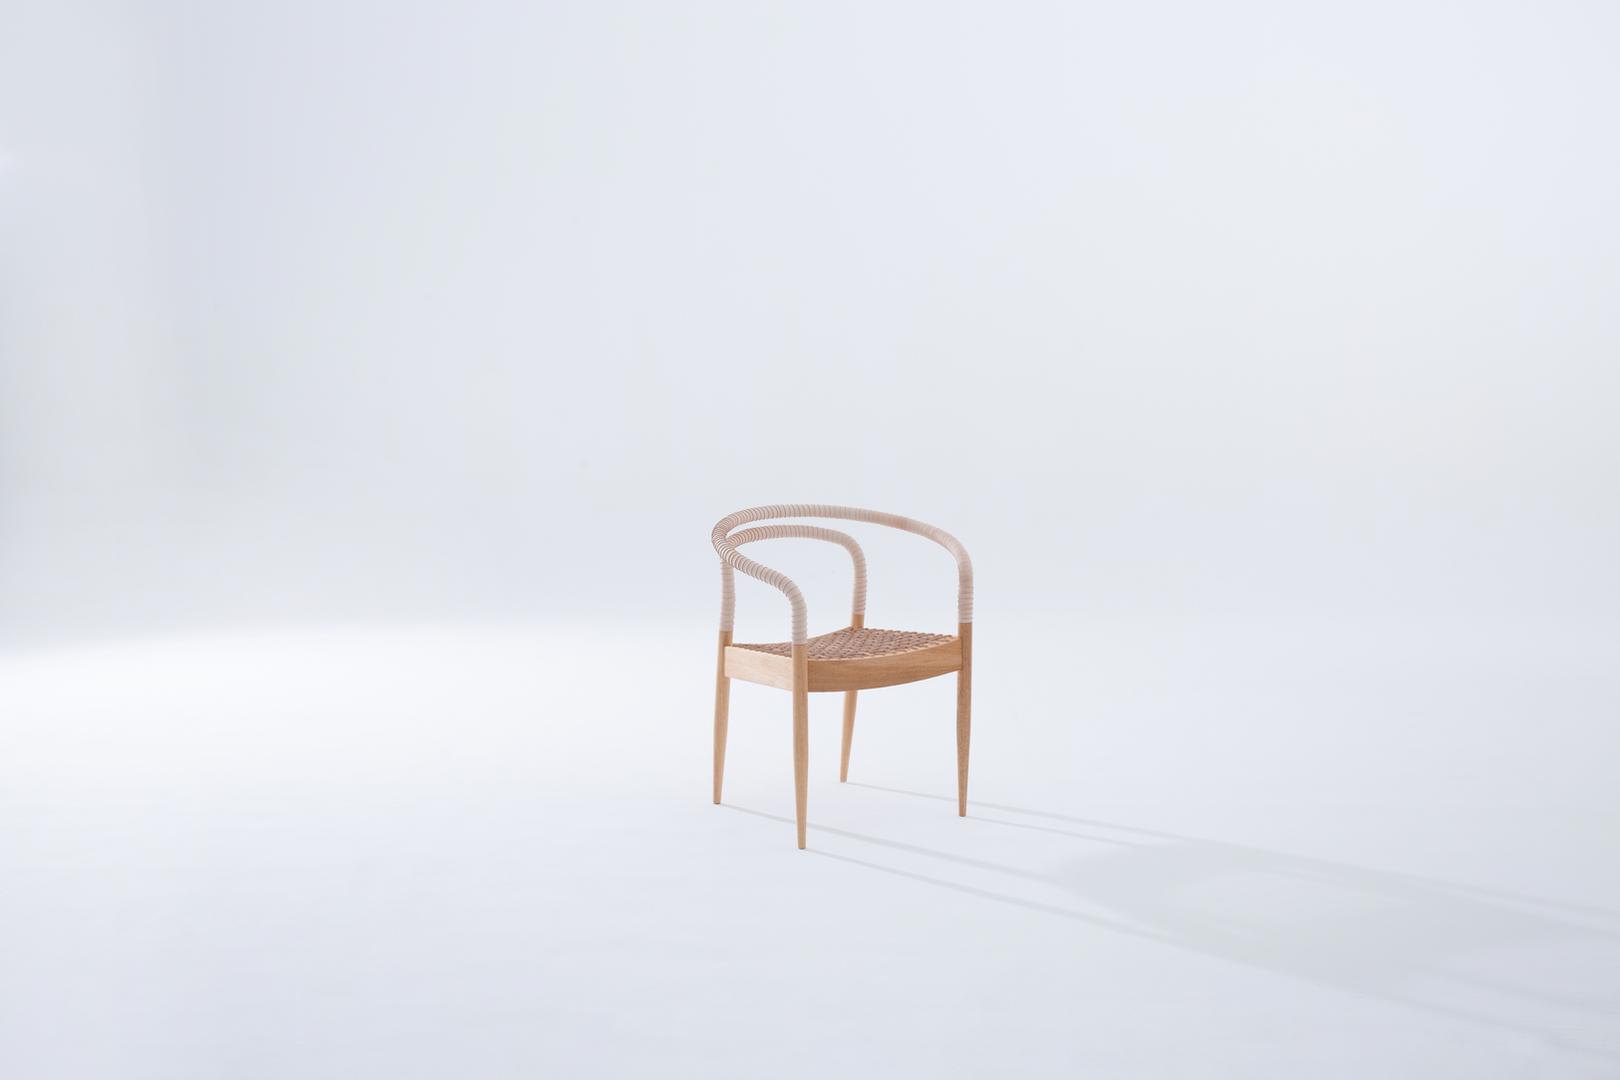 Cadeira_Bambolê_lado_site.tif